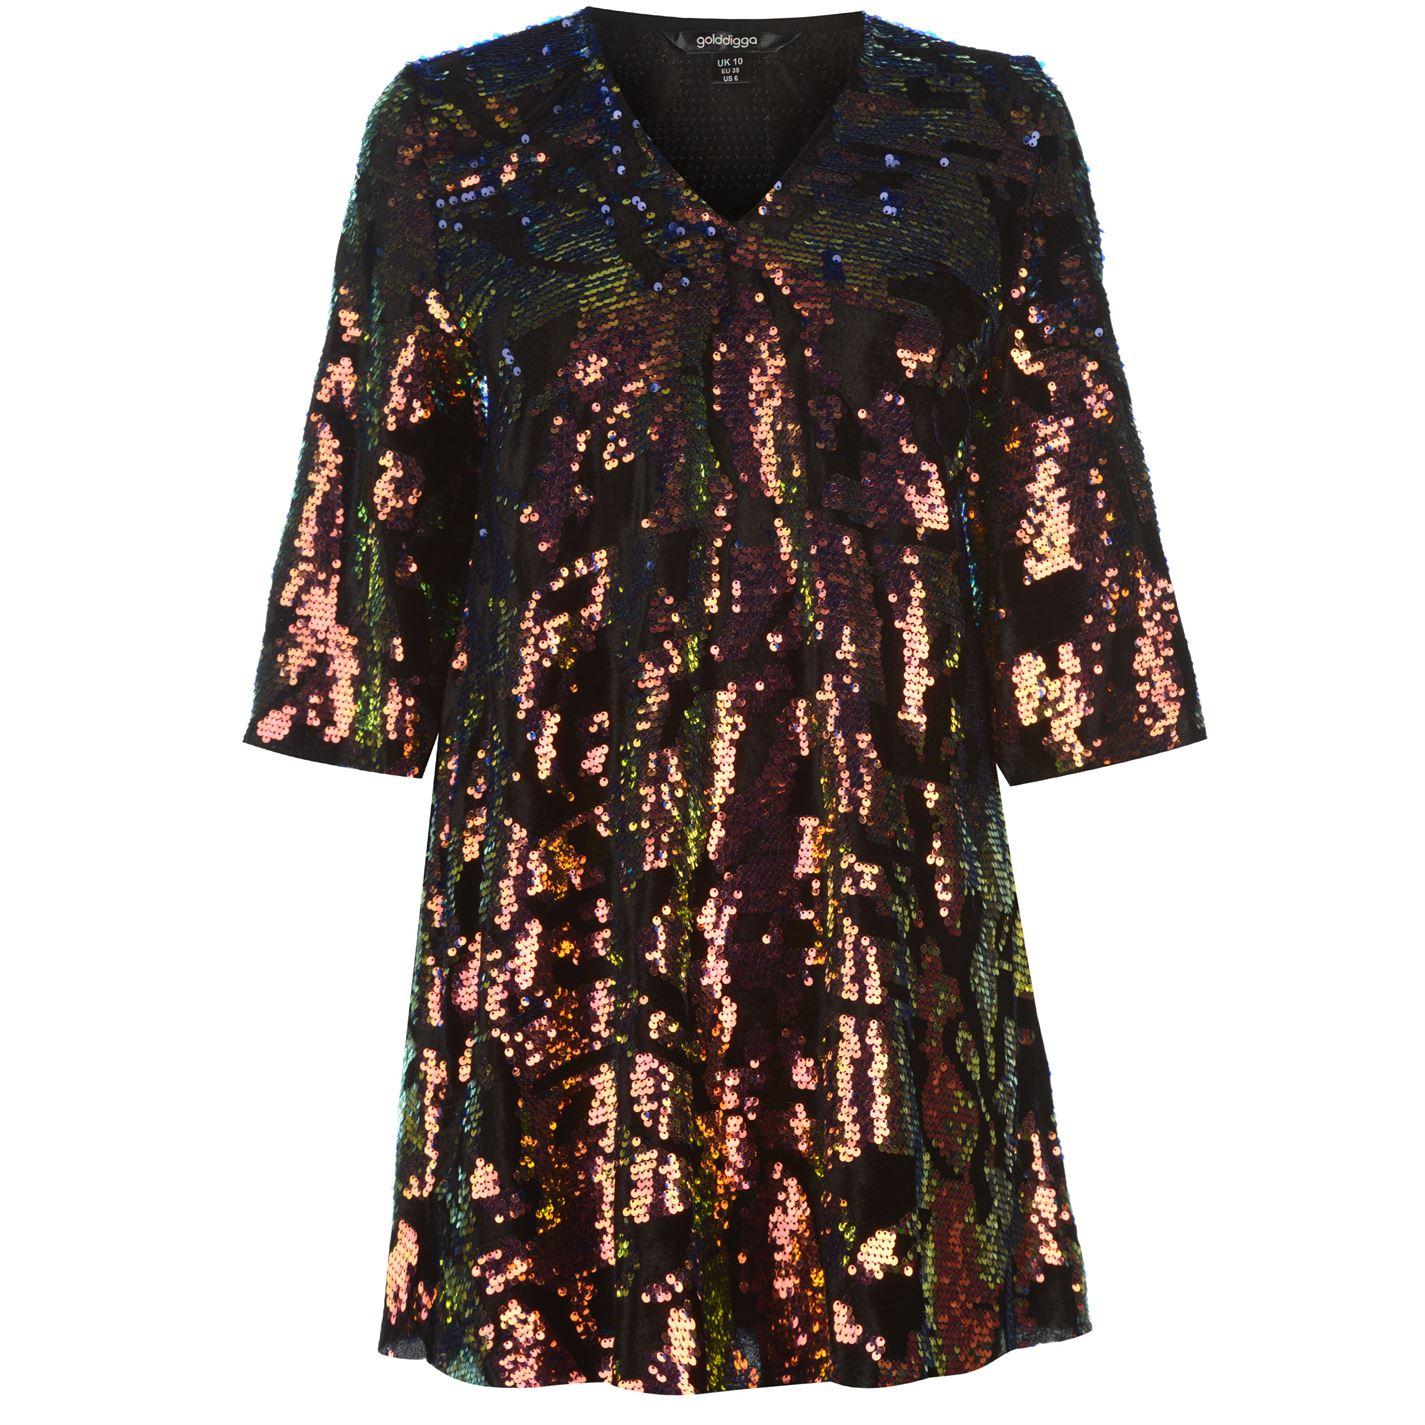 Golddigga Velvet Sequin Dress Ladies